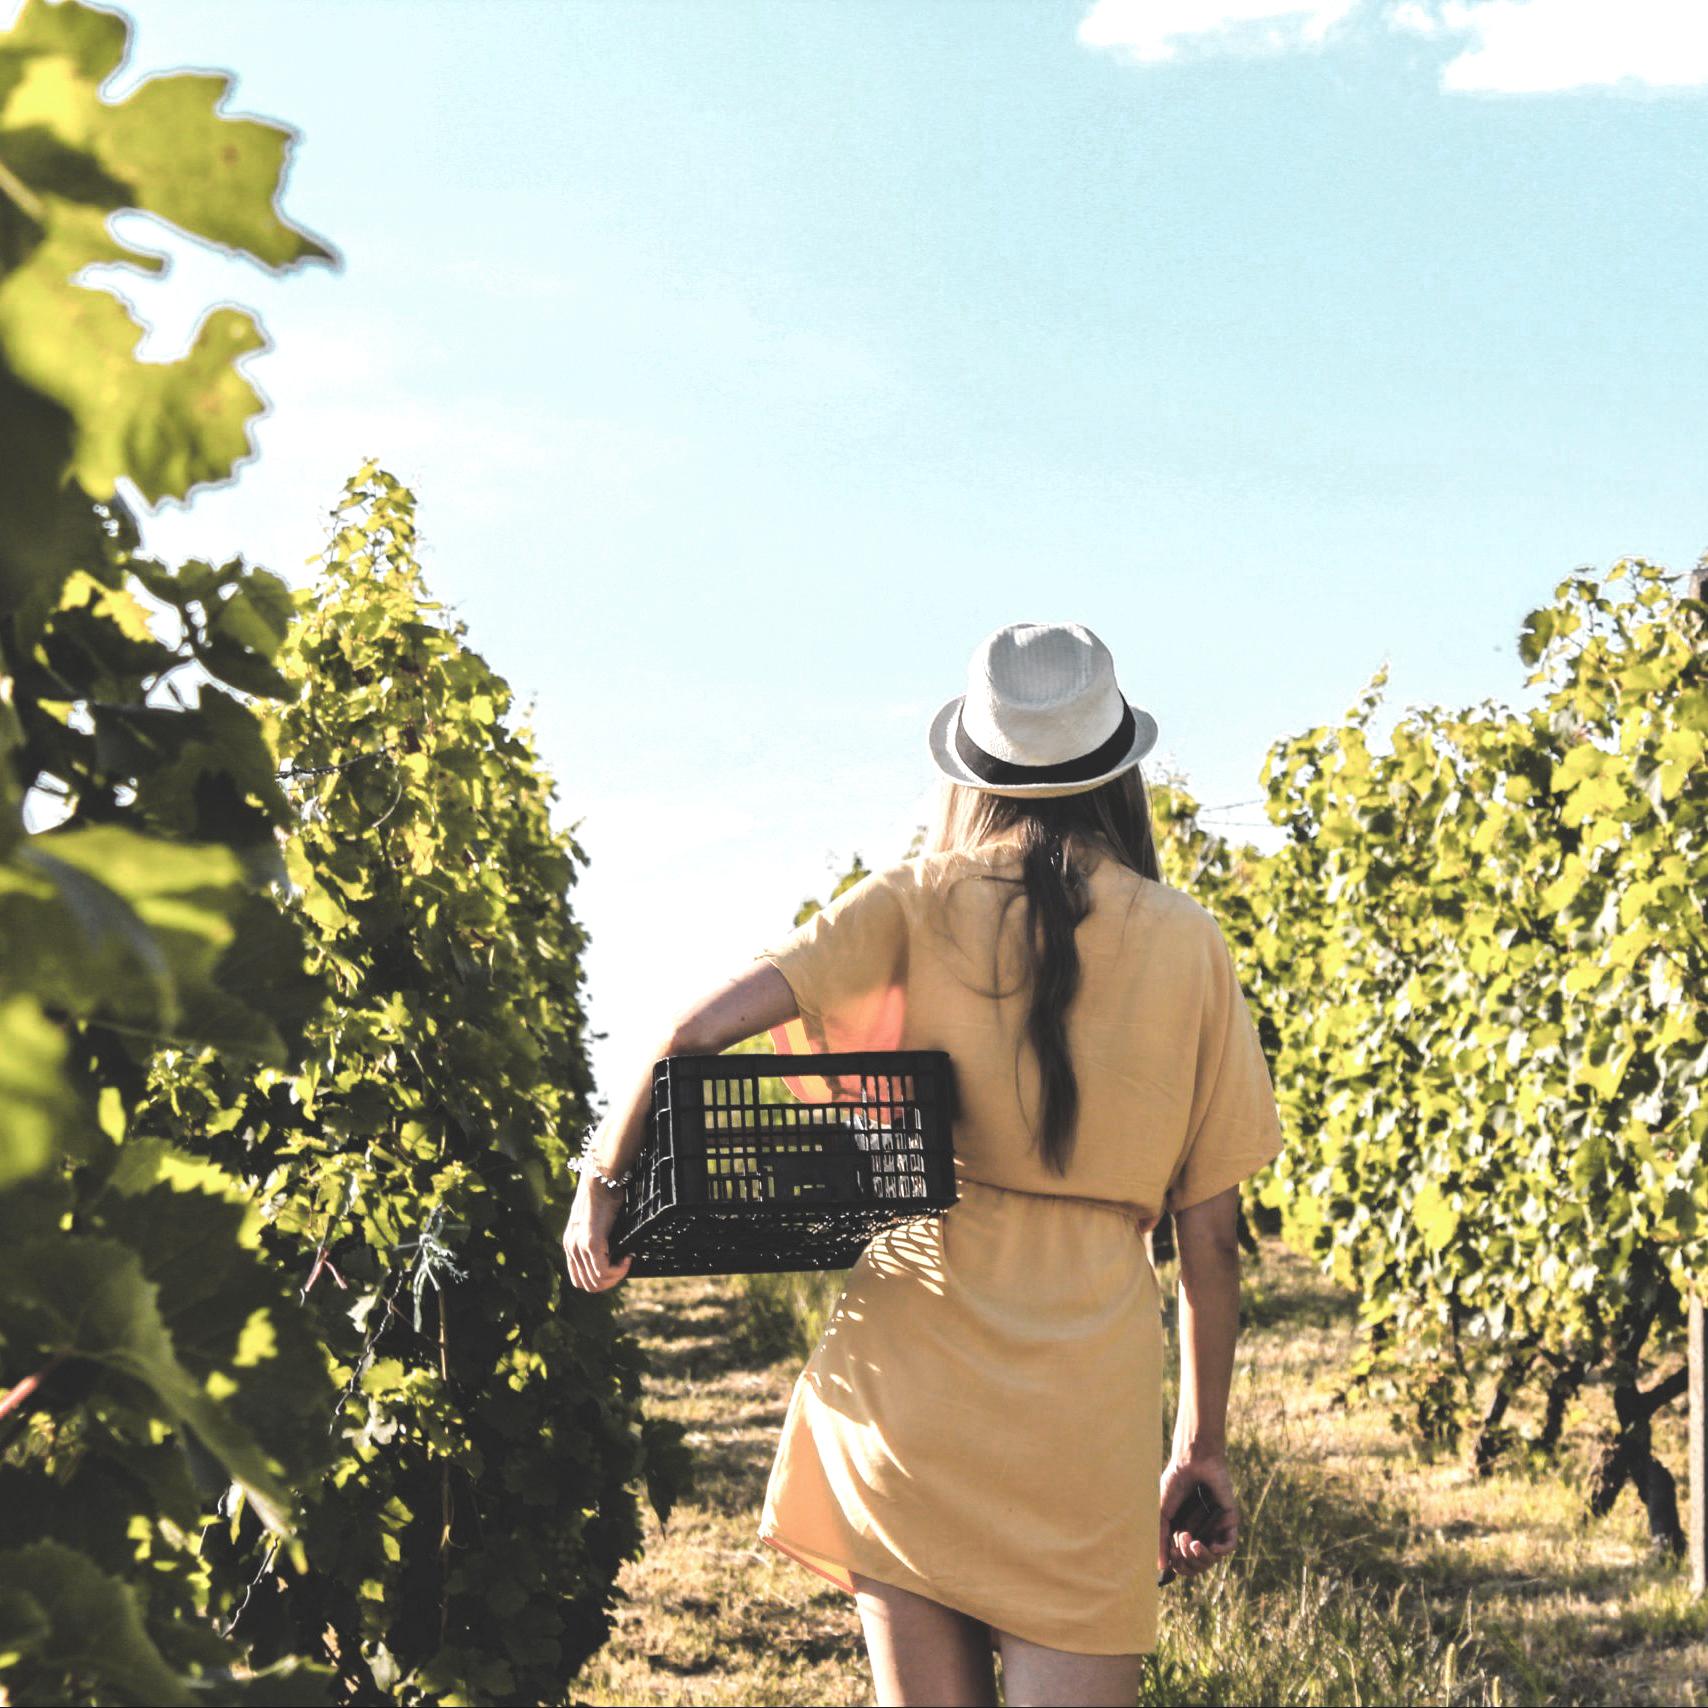 Bezoek je druiven ranken in Stellenbosch